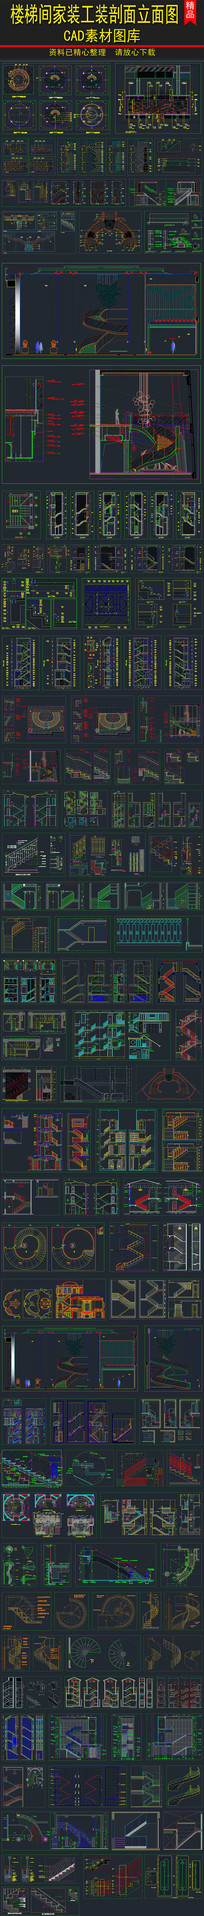 精品楼梯剖面立面图CAD素材